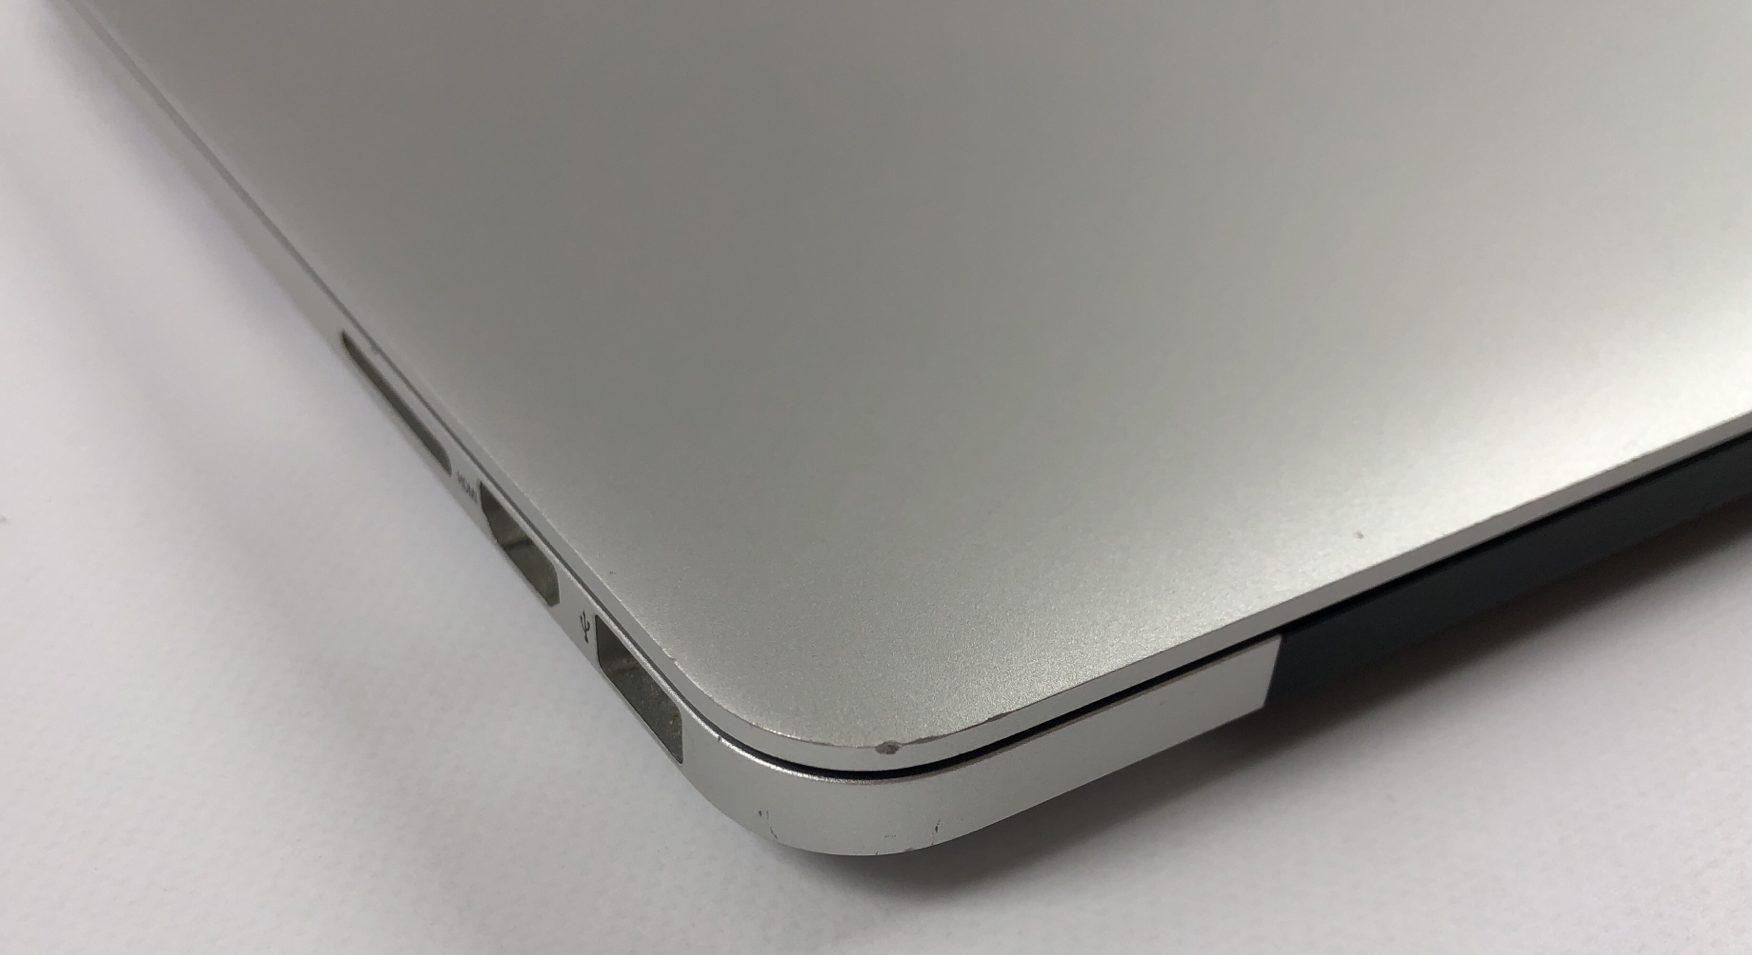 """MacBook Pro Retina 15"""" Mid 2015 (Intel Quad-Core i7 2.5 GHz 16 GB RAM 512 GB SSD), Intel Quad-Core i7 2.5 GHz, 16 GB RAM, 512 GB SSD, image 3"""